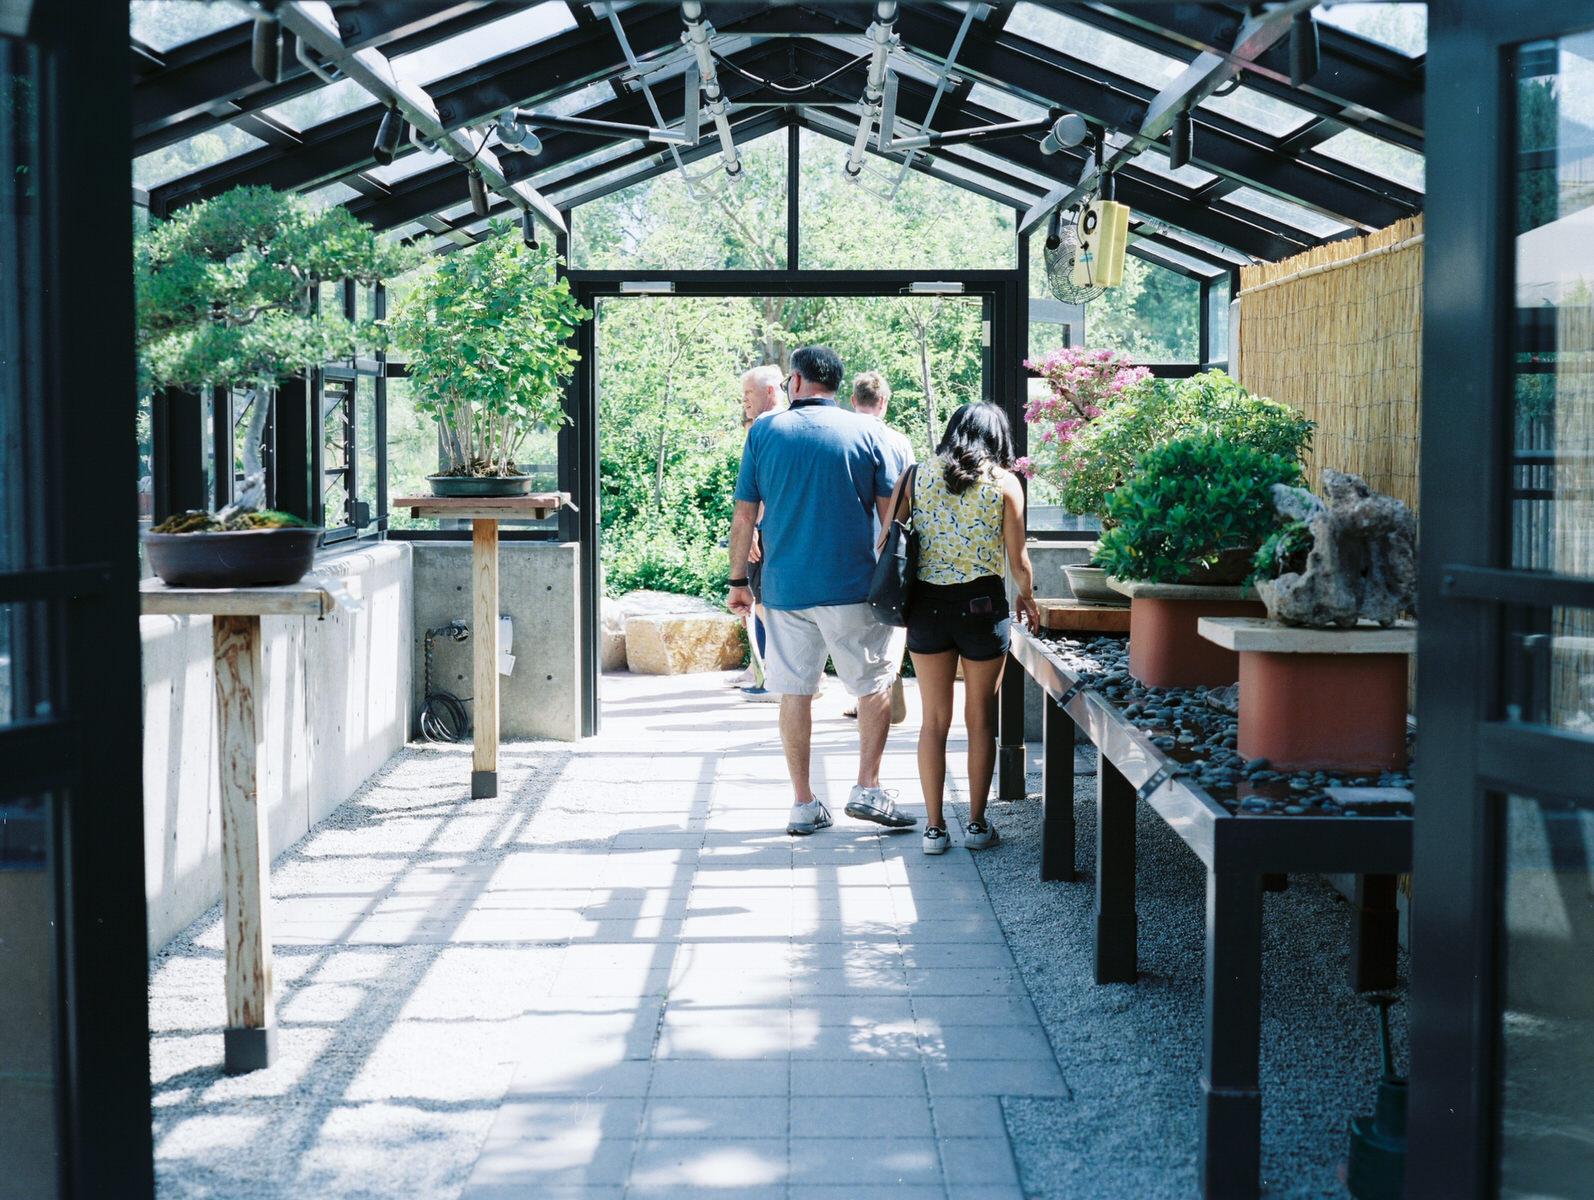 This mini green house had incredible bonsais!